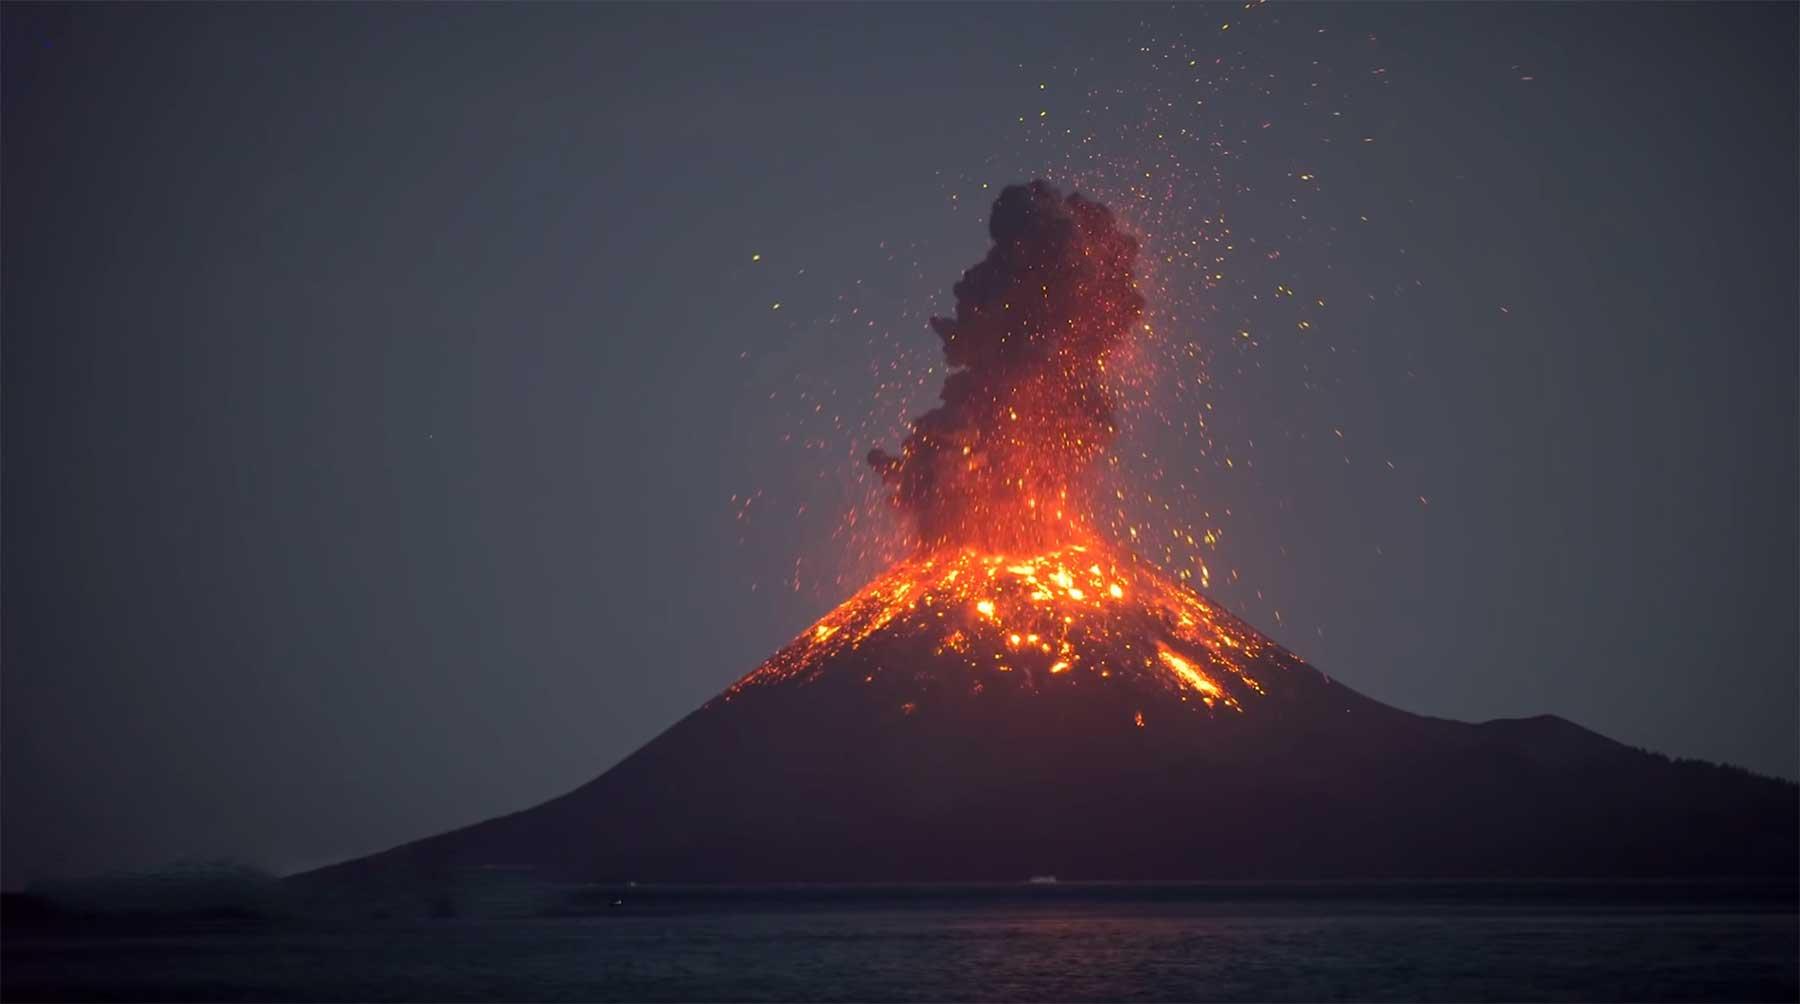 Vulkan-Feuerspucken in Echtzeit